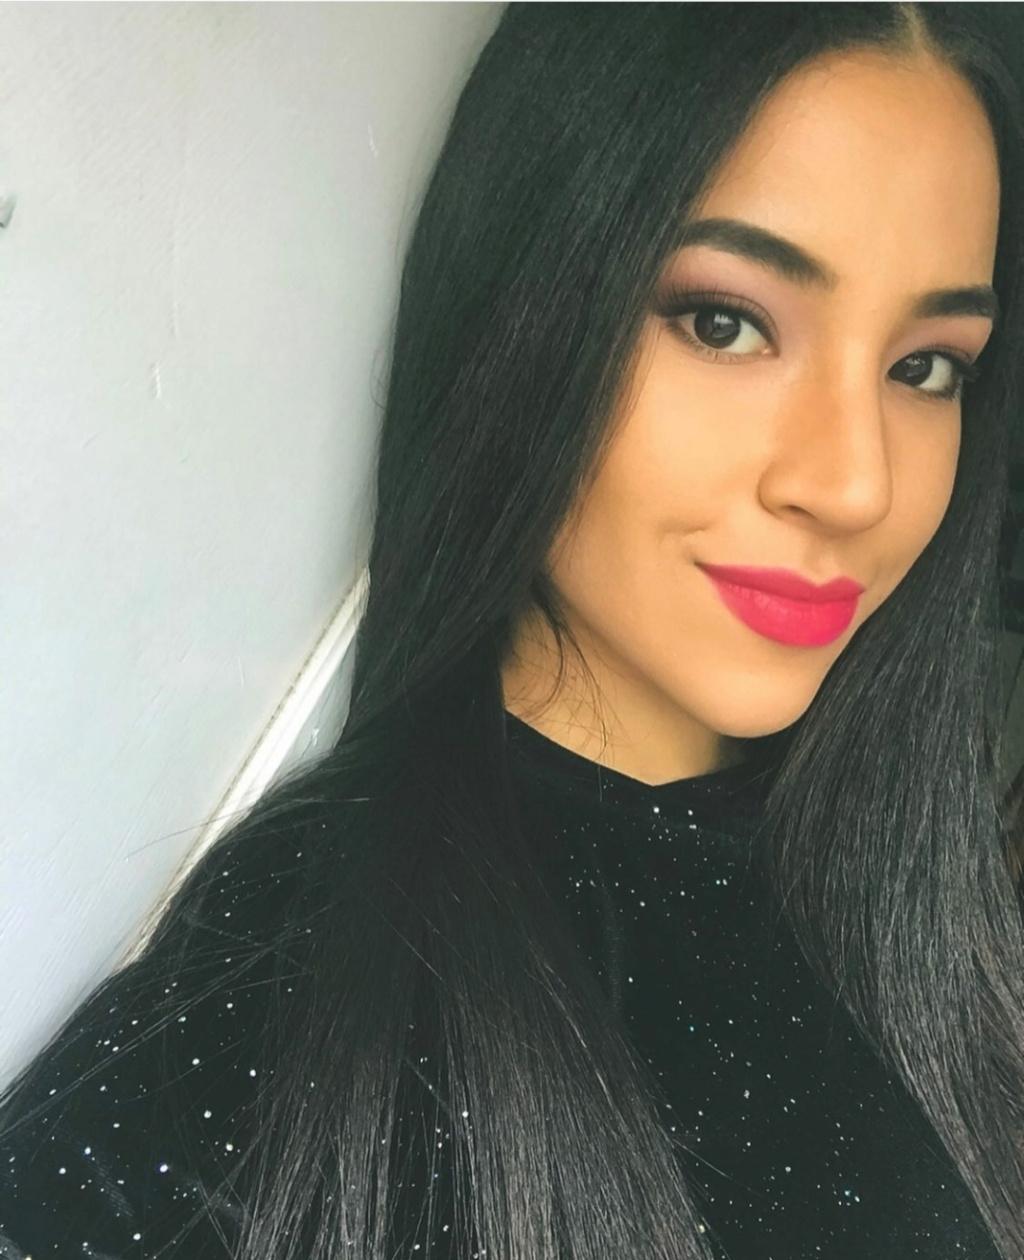 DEBATE sobre belleza, guapura y hermosura (fotos de chicas latinas, mestizas, y de todo) - VOL II - Página 6 Img_2676